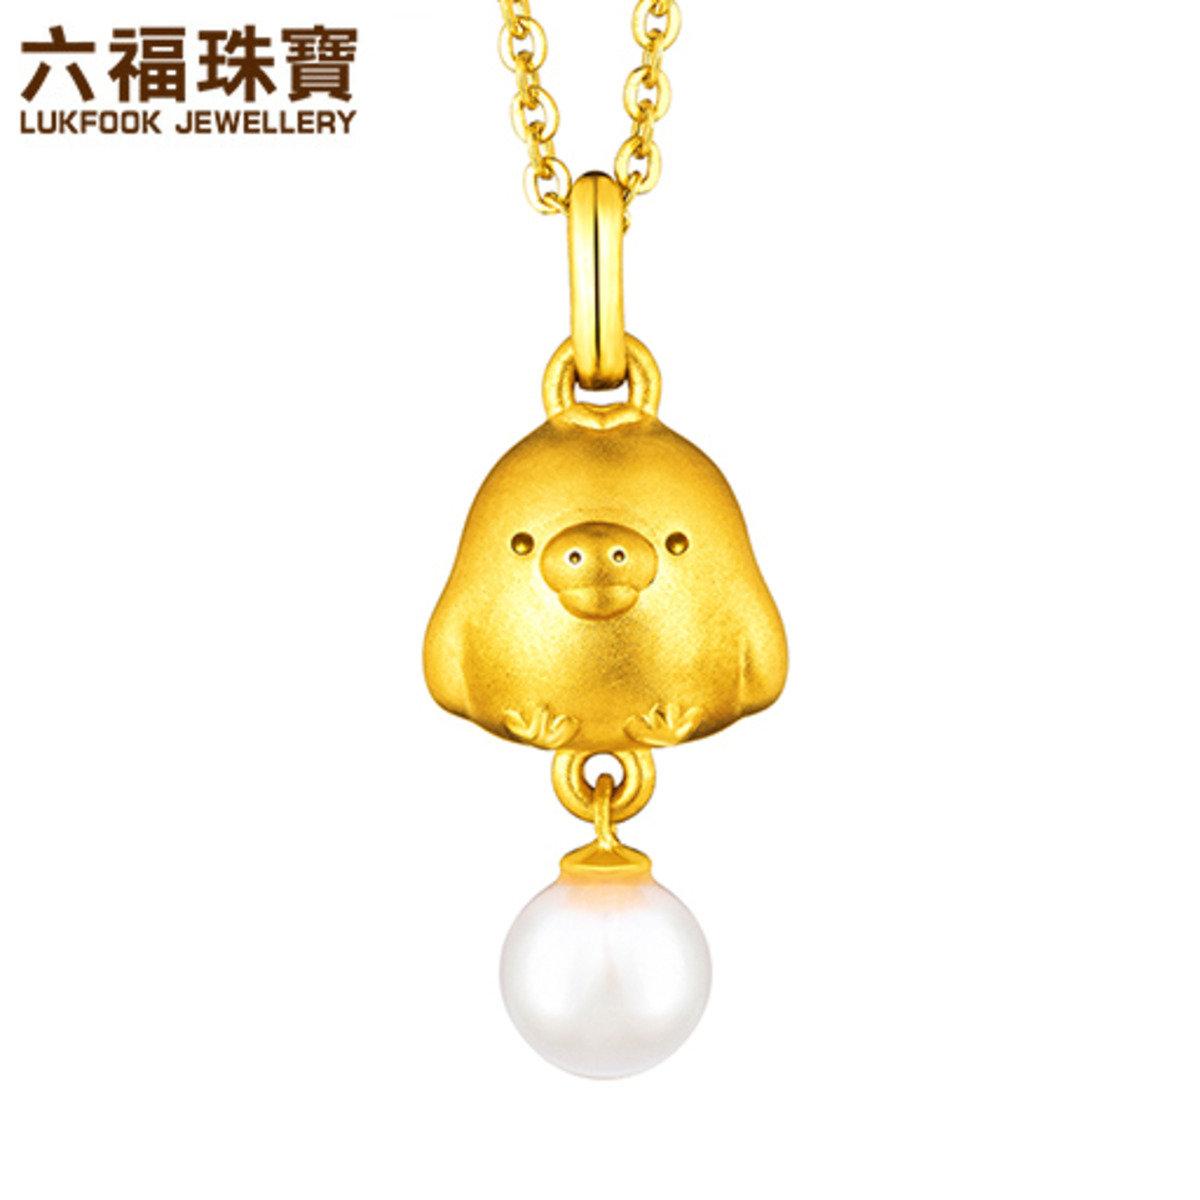 輕鬆小熊 女裝 黃金襯珍珠吊墜